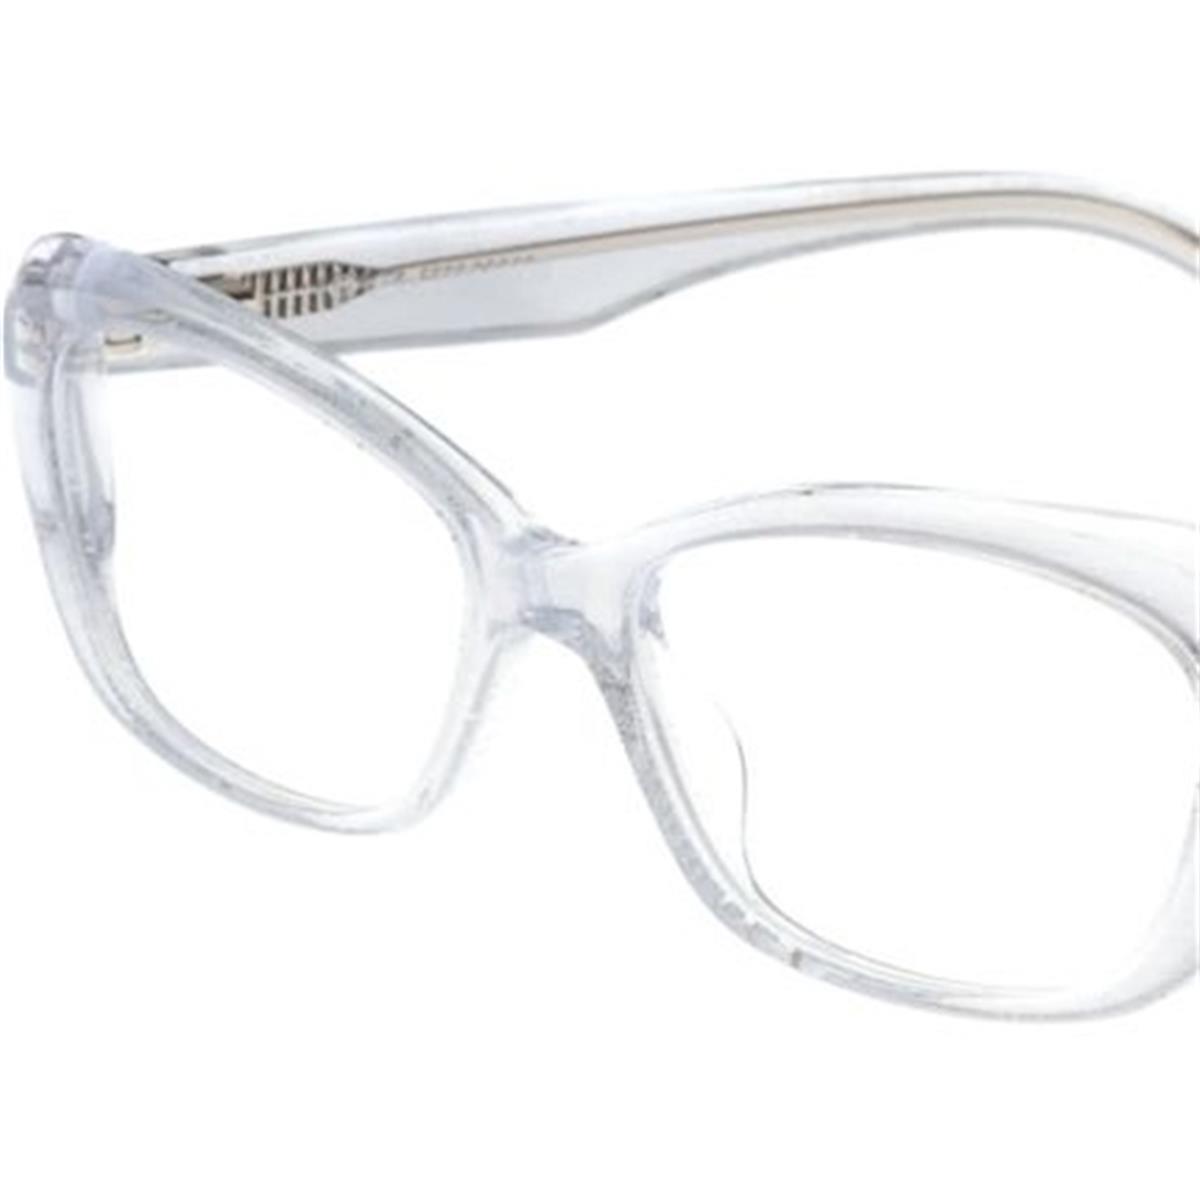 a36a53e59c530 Armação para Óculos de Grau Transparente 5500 Colcci